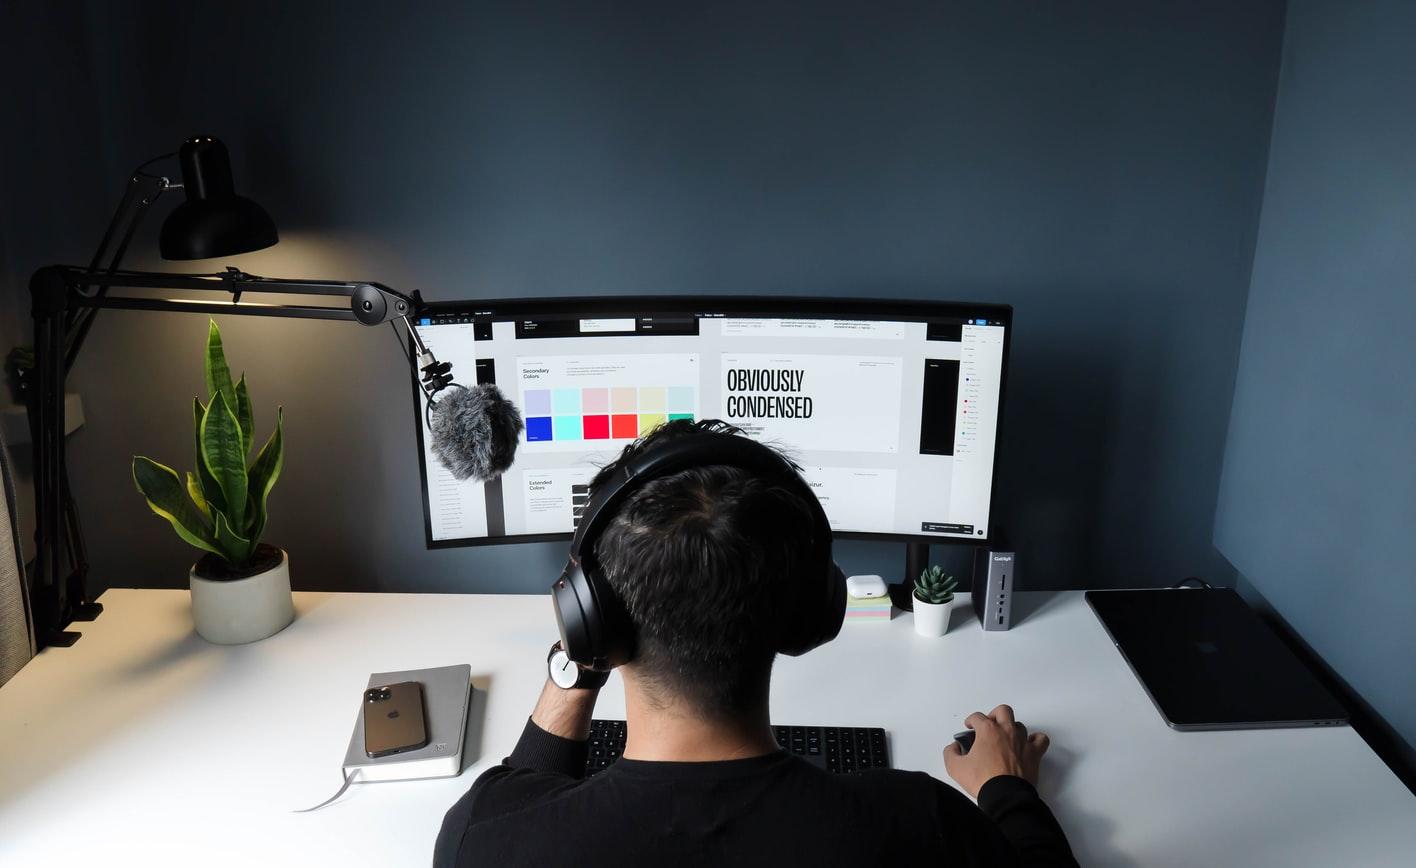 Pessoa construindo marca no computador, olhando cores e fontes para design.